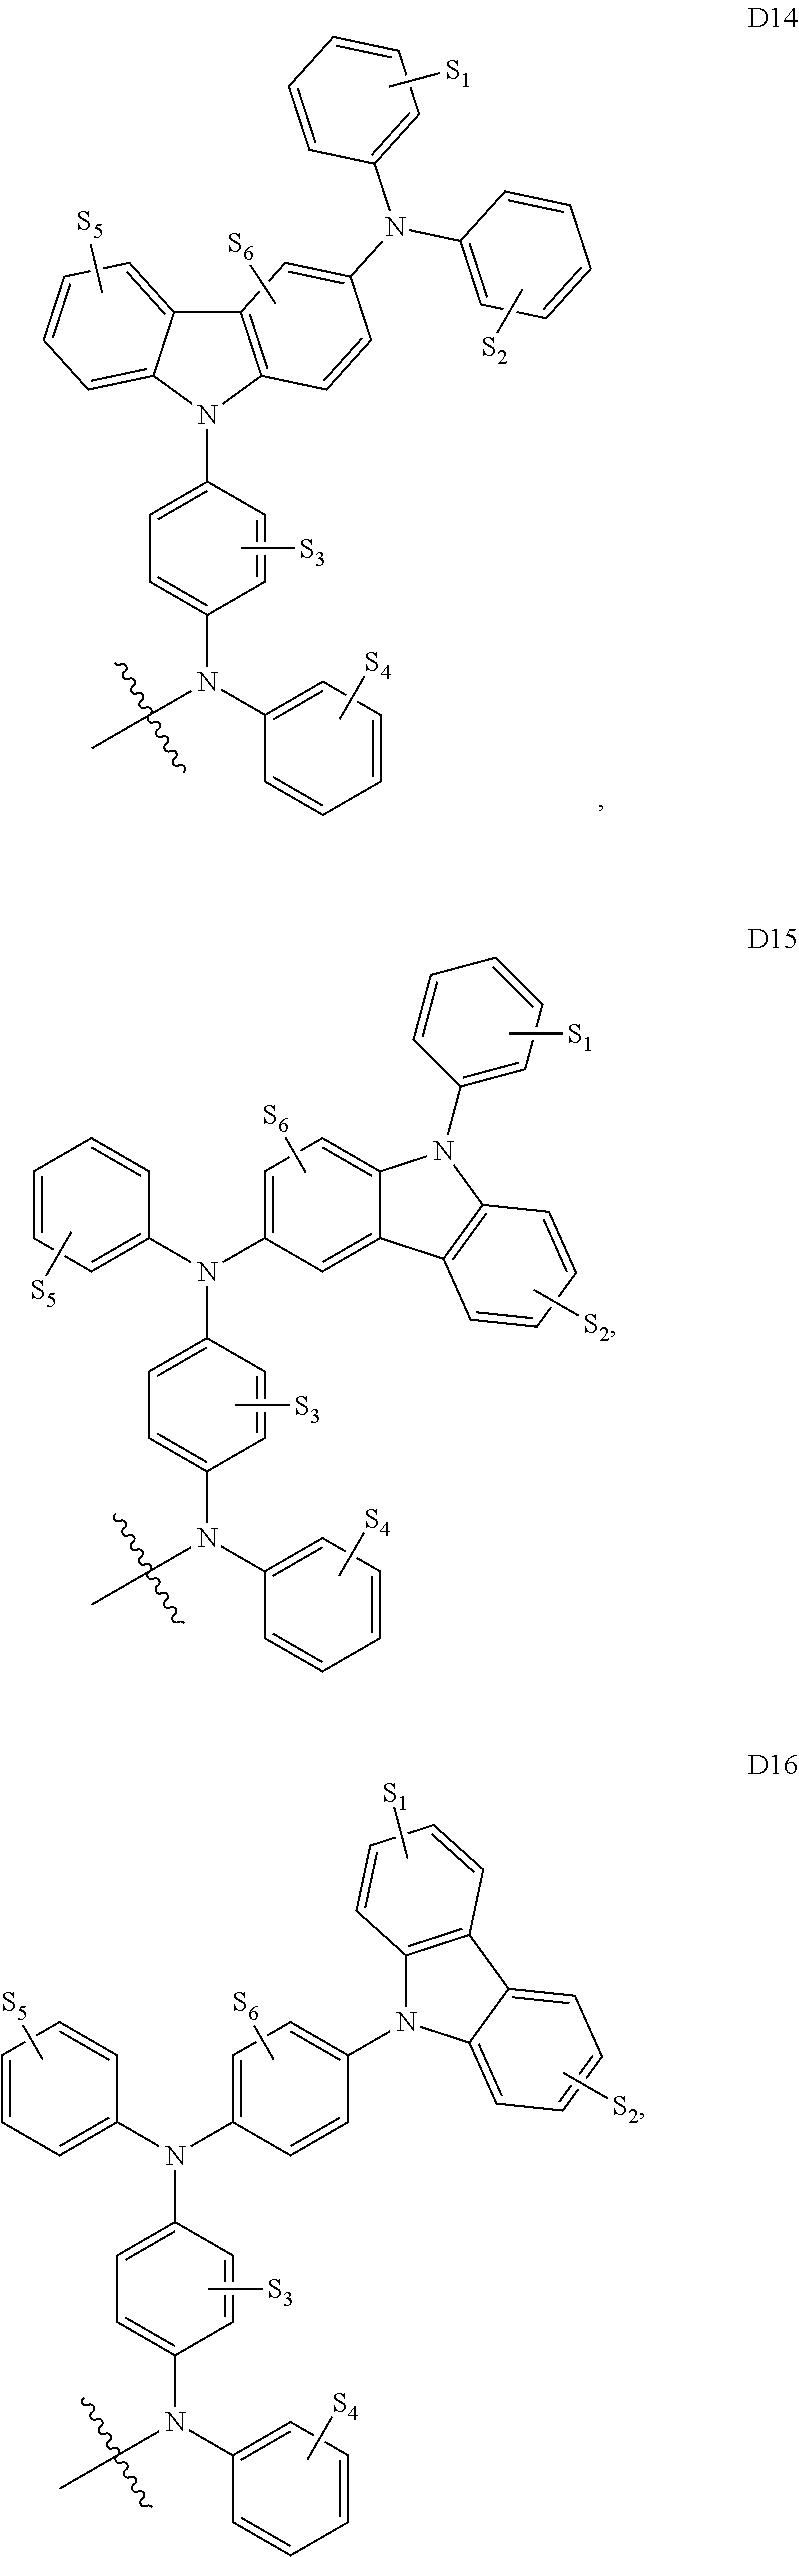 Figure US09324949-20160426-C00007